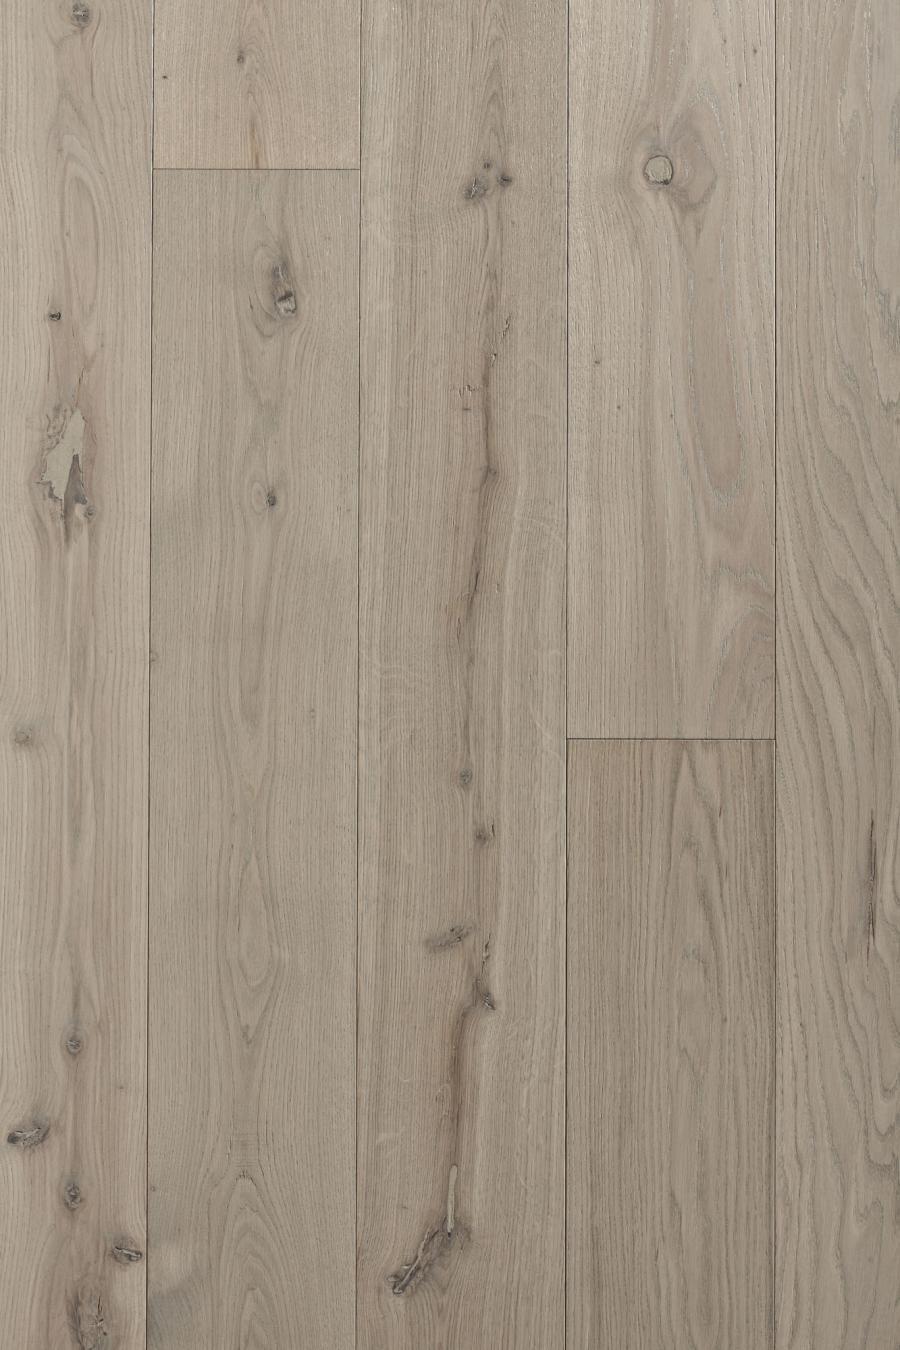 Parquet Prefinito Prezzi Ikea parquet : come scegliere le essenze del legno, consigli pratici